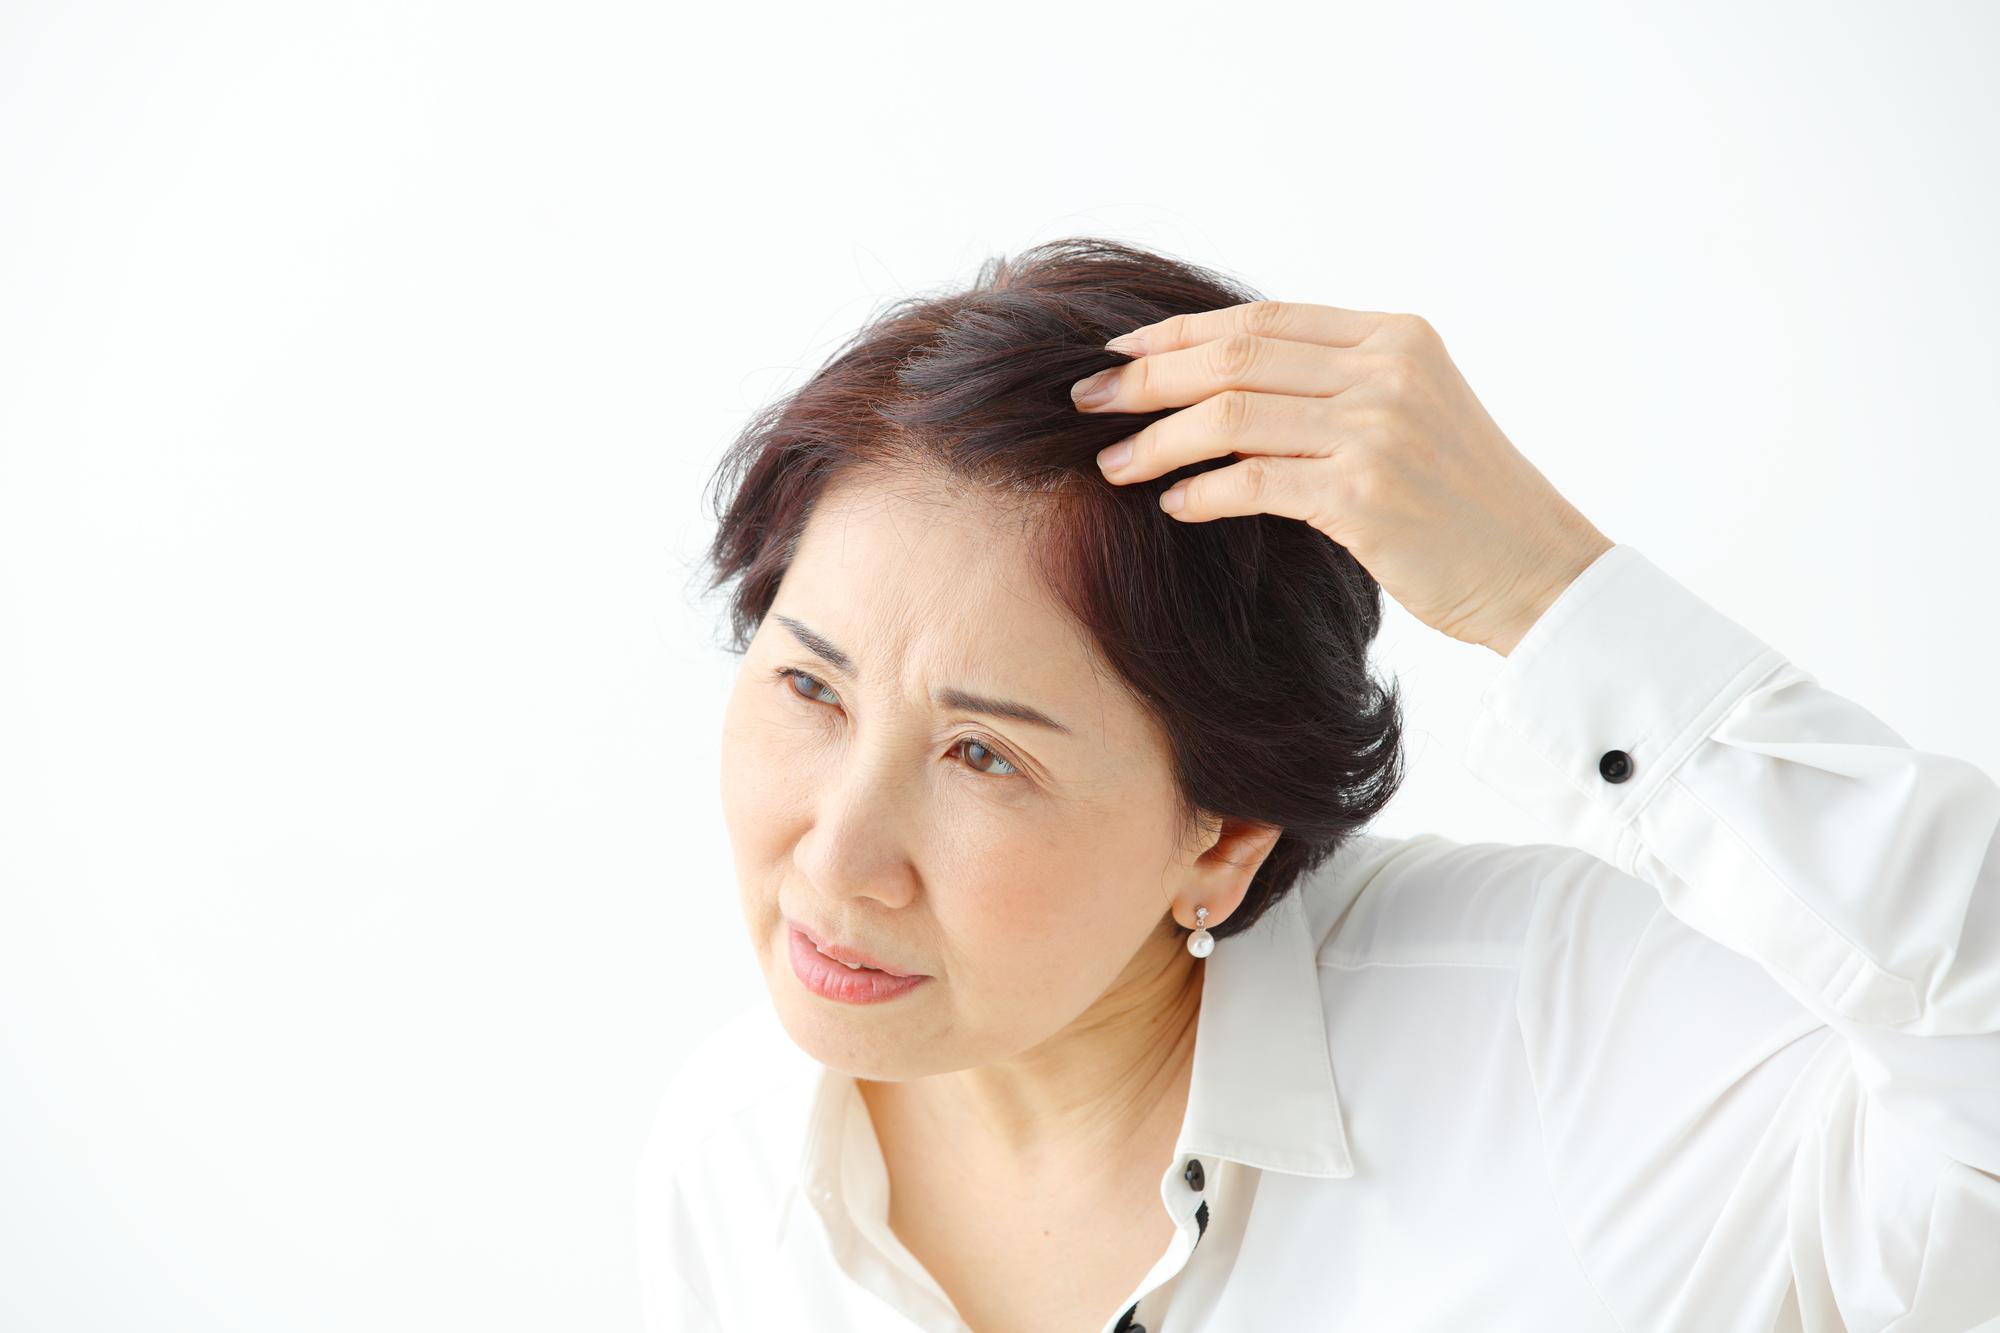 円形脱毛症がたくさんできてしまったら?放置せずに対処するのがベスト!